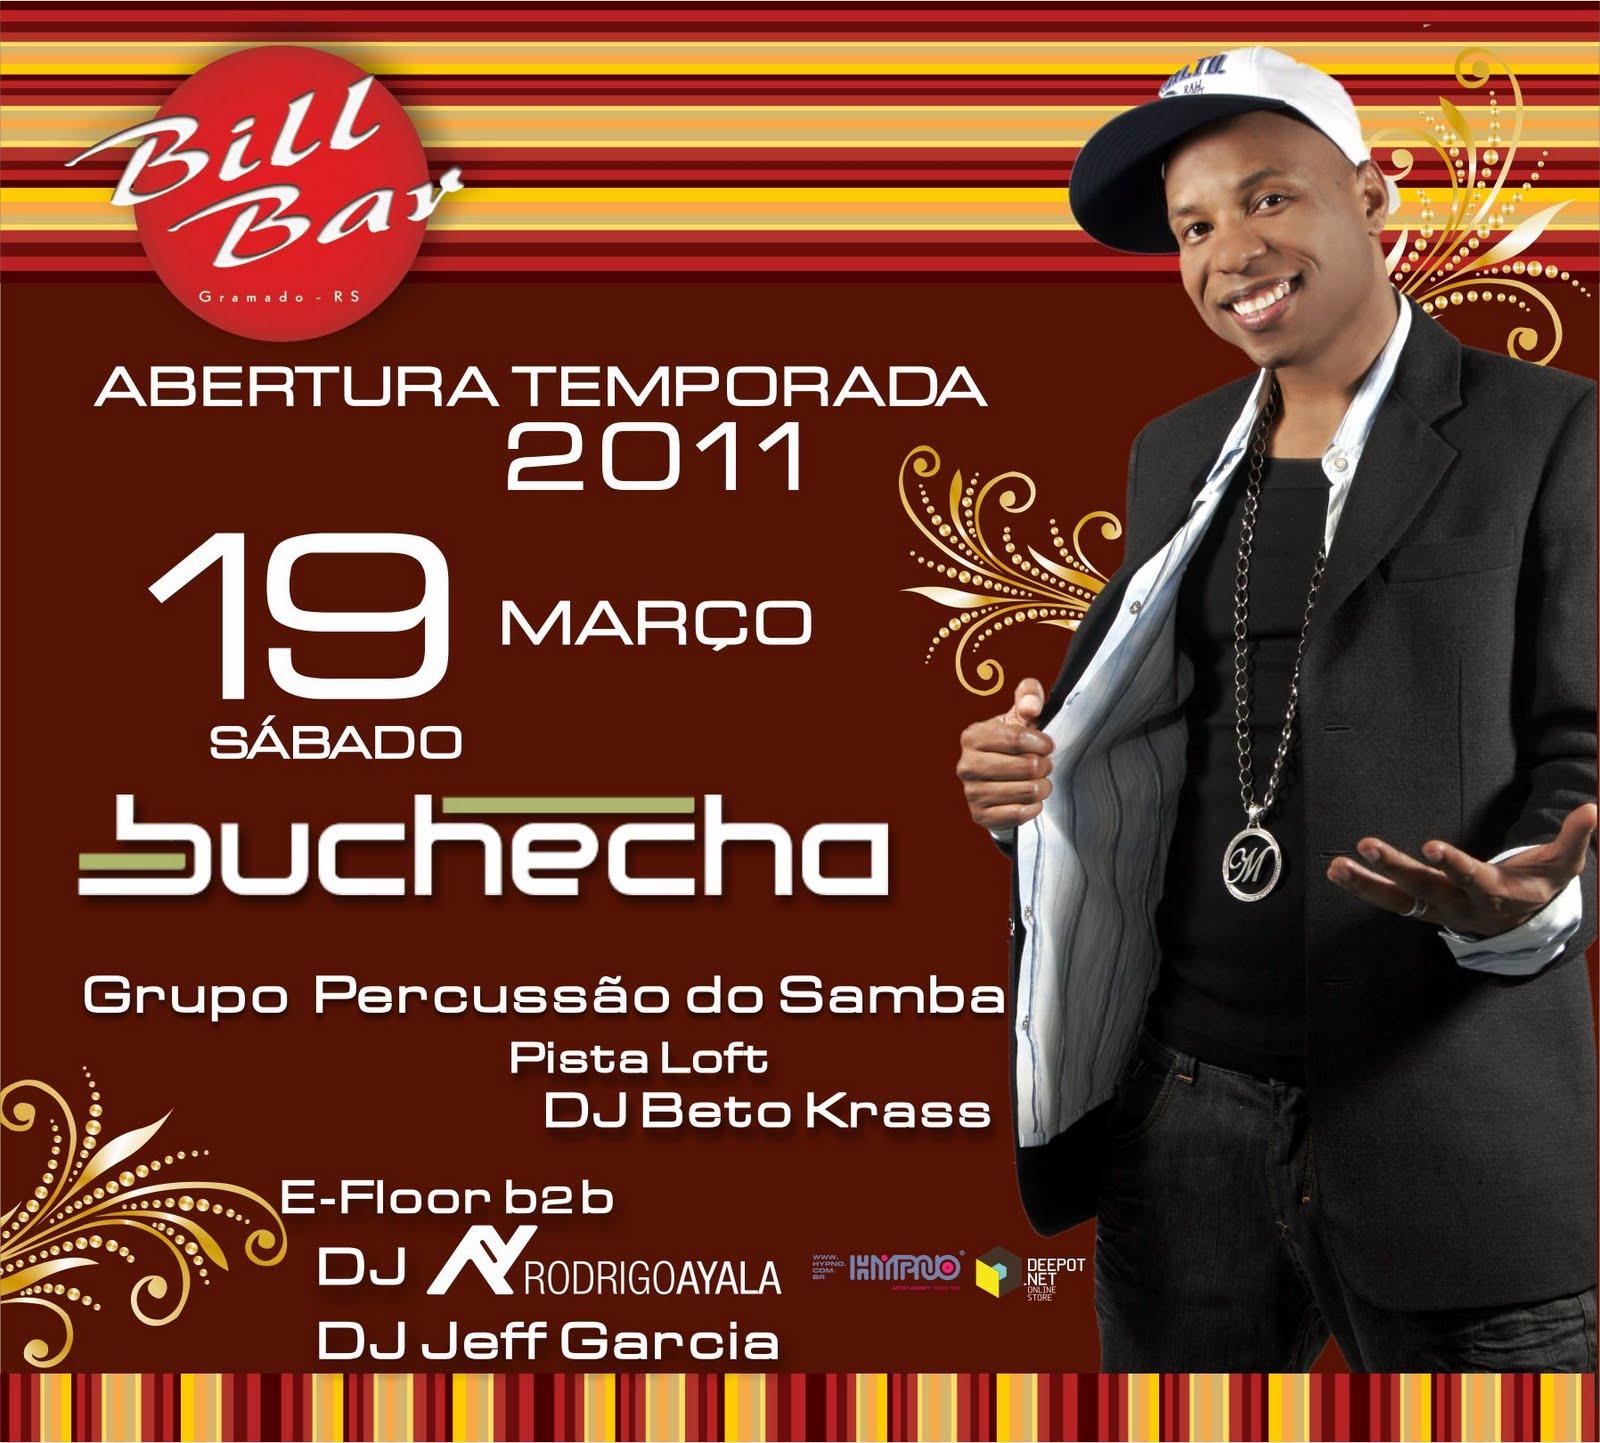 To Da Loos November 2011: Phosphoros Novas Ideias: Buchecha é A Atração Da Abertura